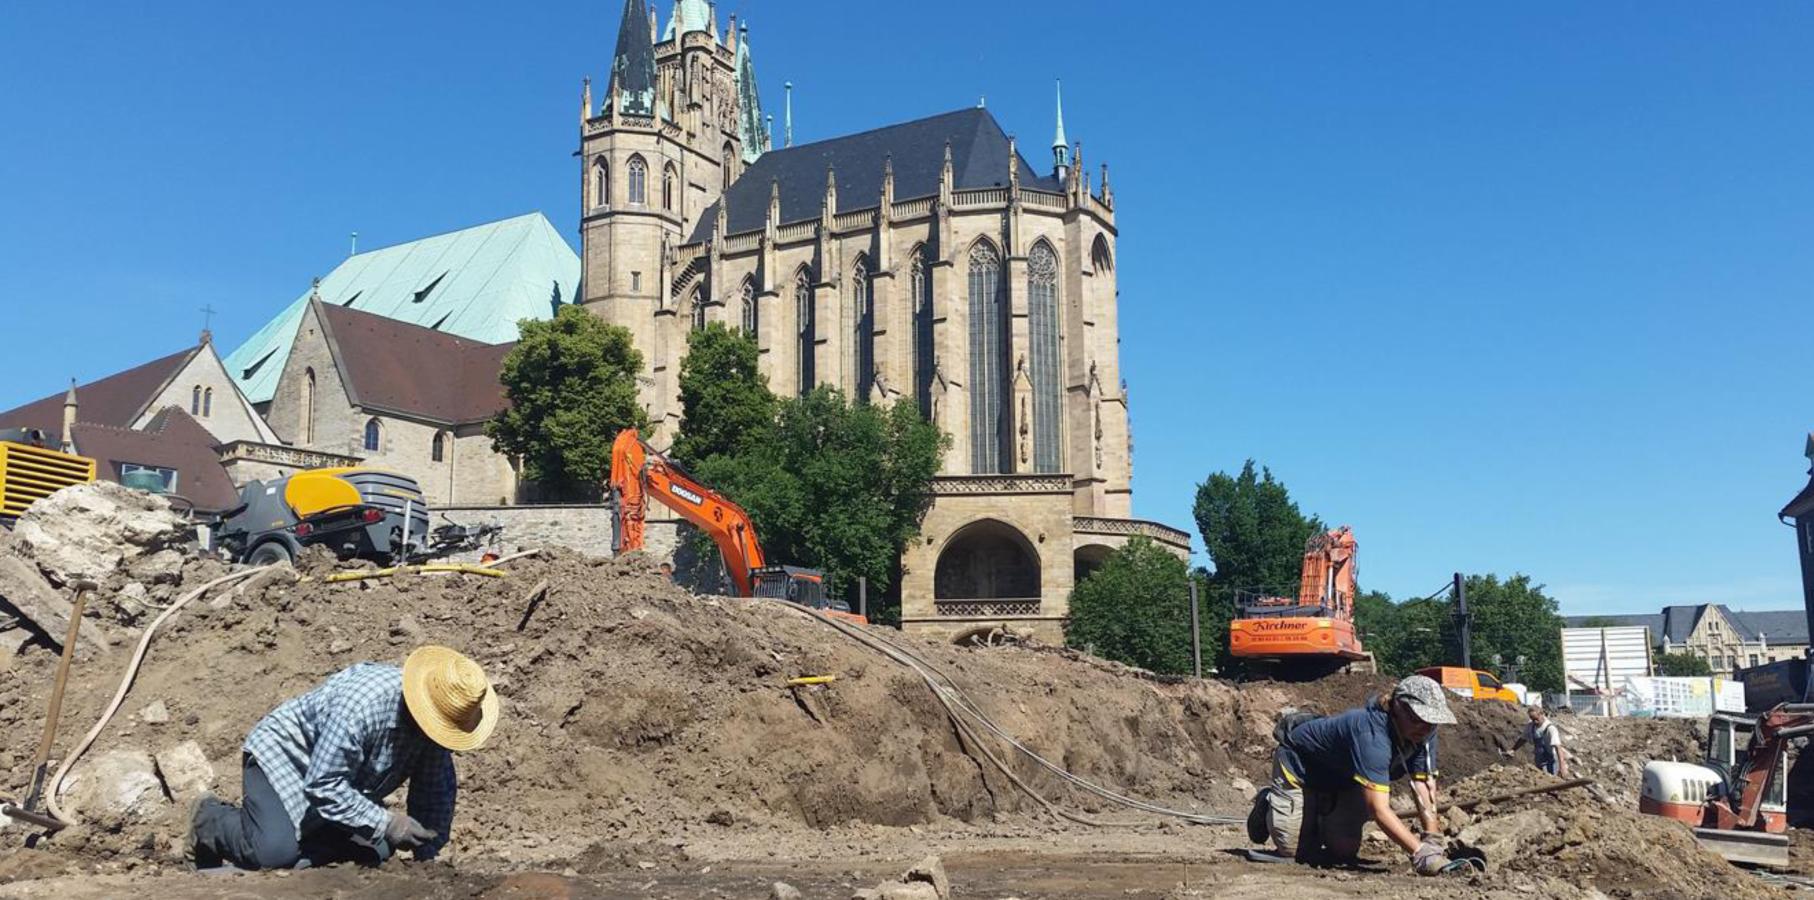 Arbeitende Archäologen auf einer Ausgrabung, dahinter Bagger und Erfurter Dom